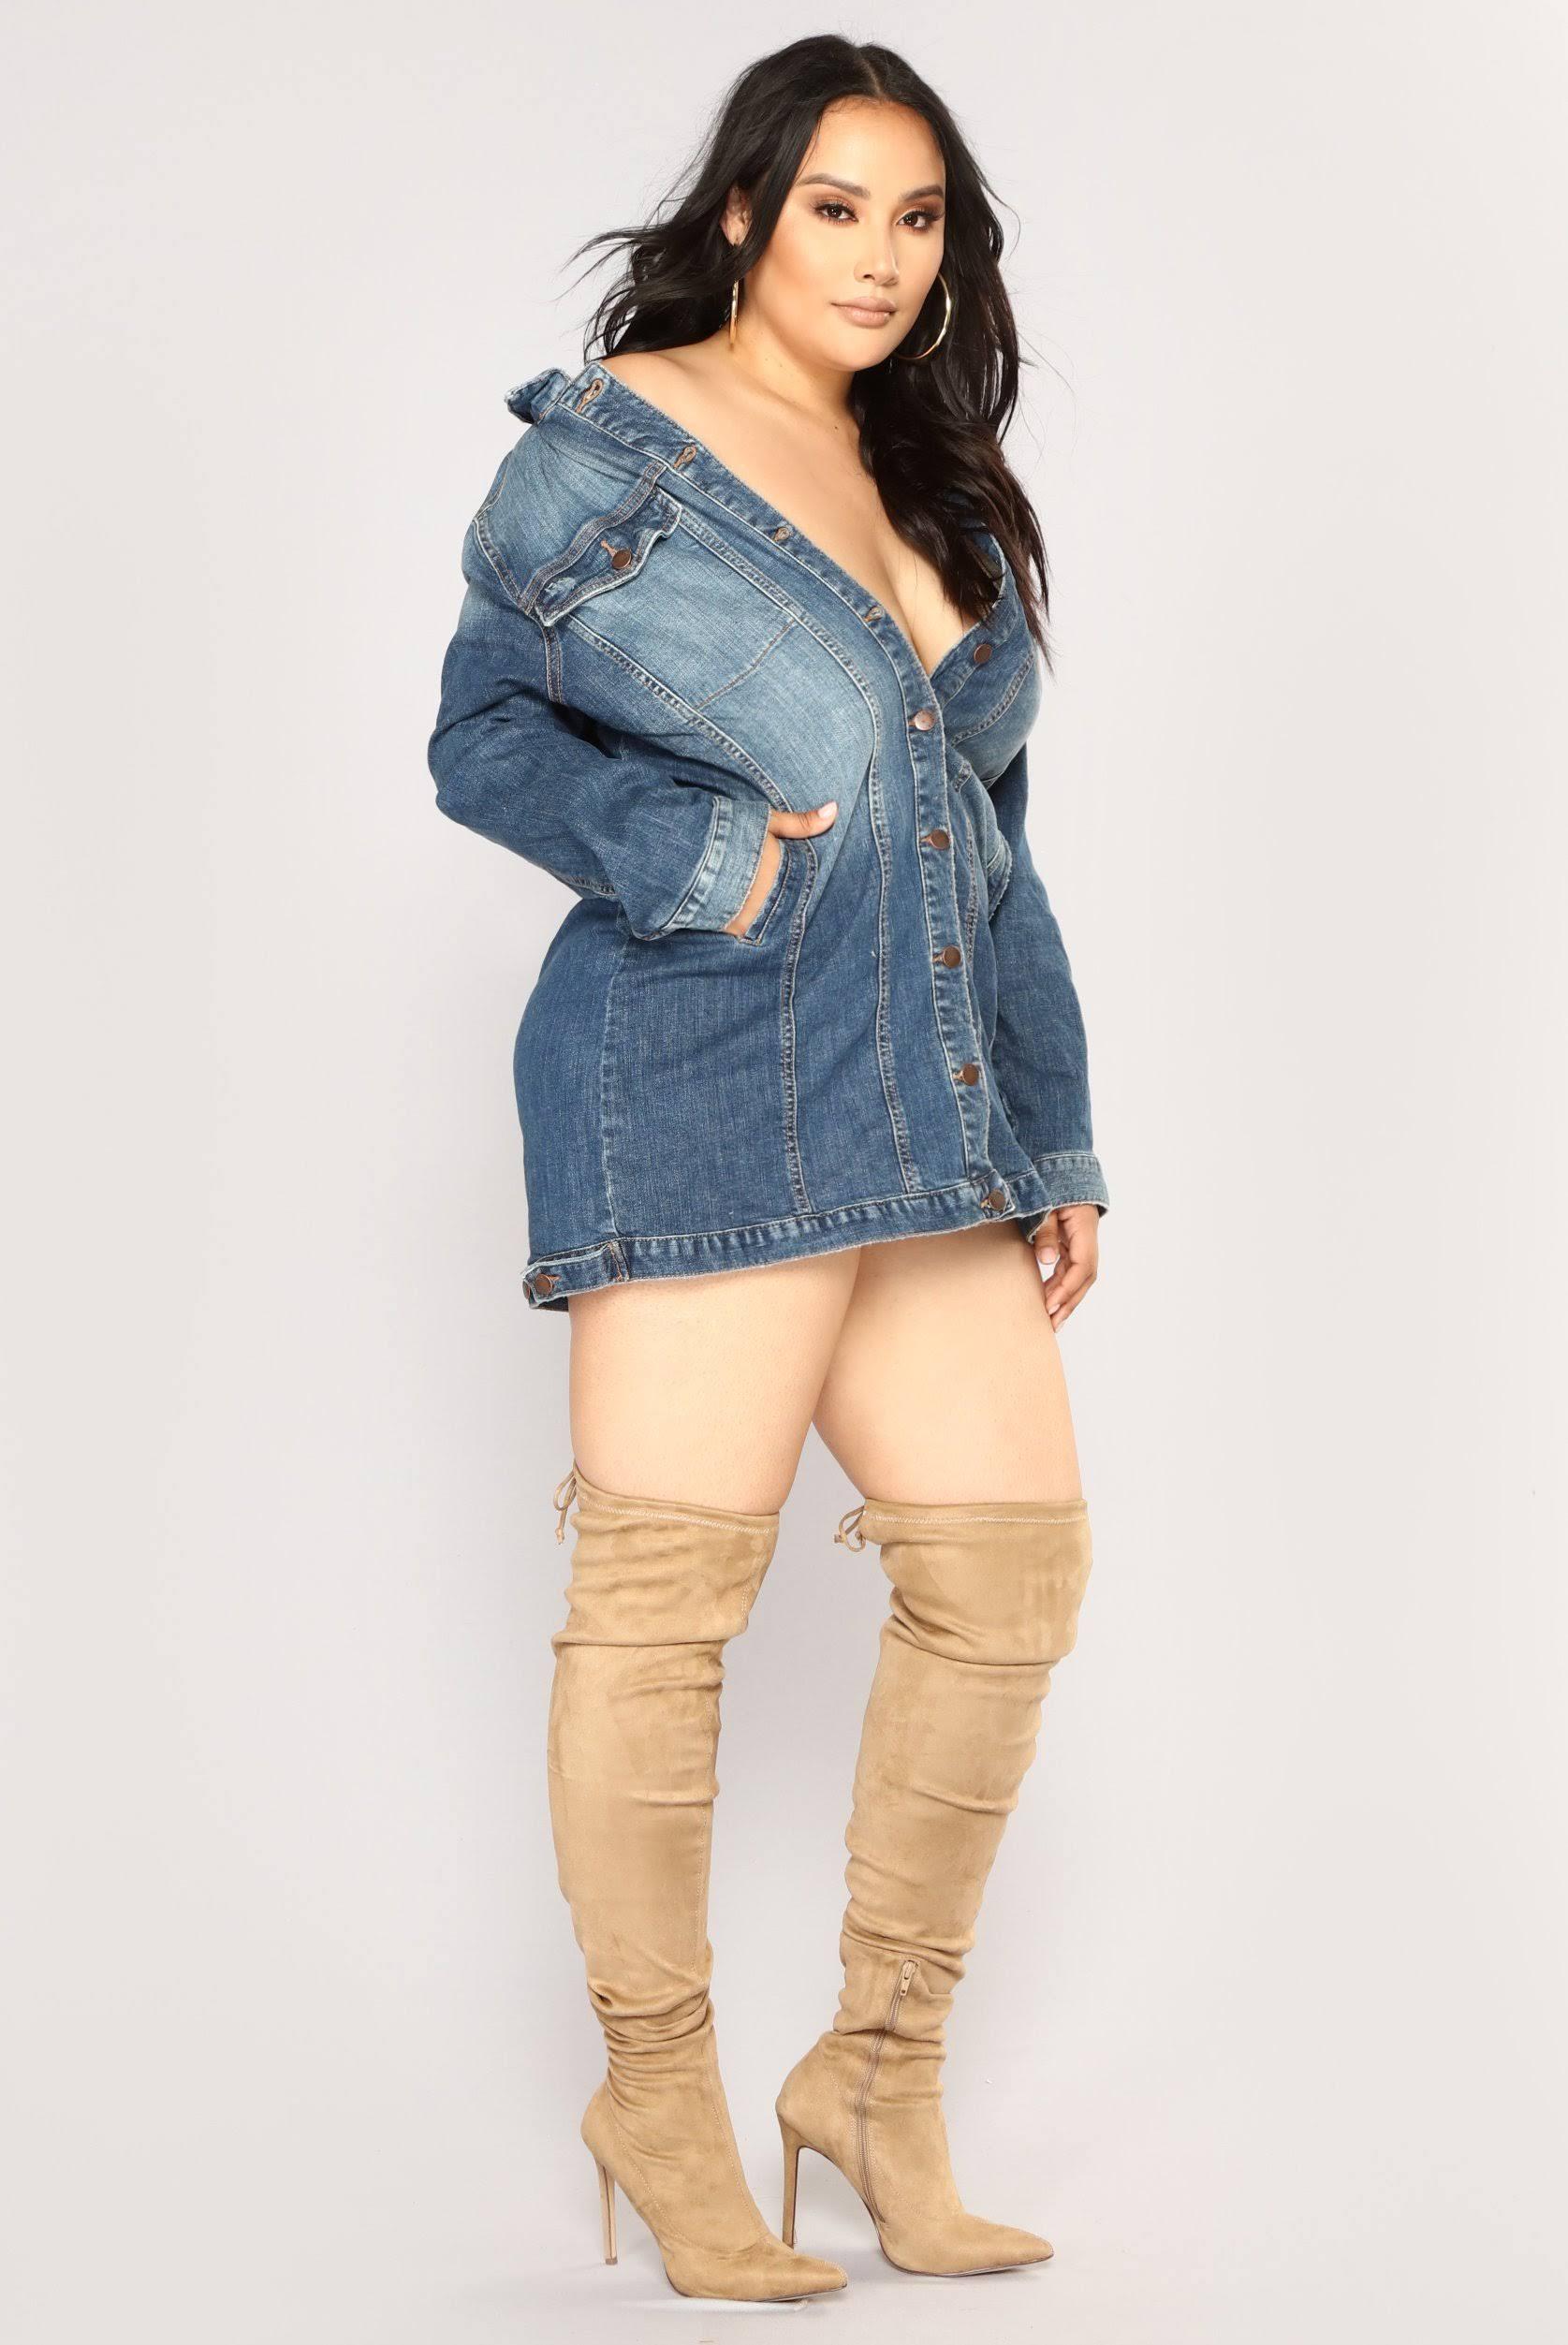 En Robe Fashion Taille Par Jean Grande Arlington Délavé Nova Bleu 1dr7qAd